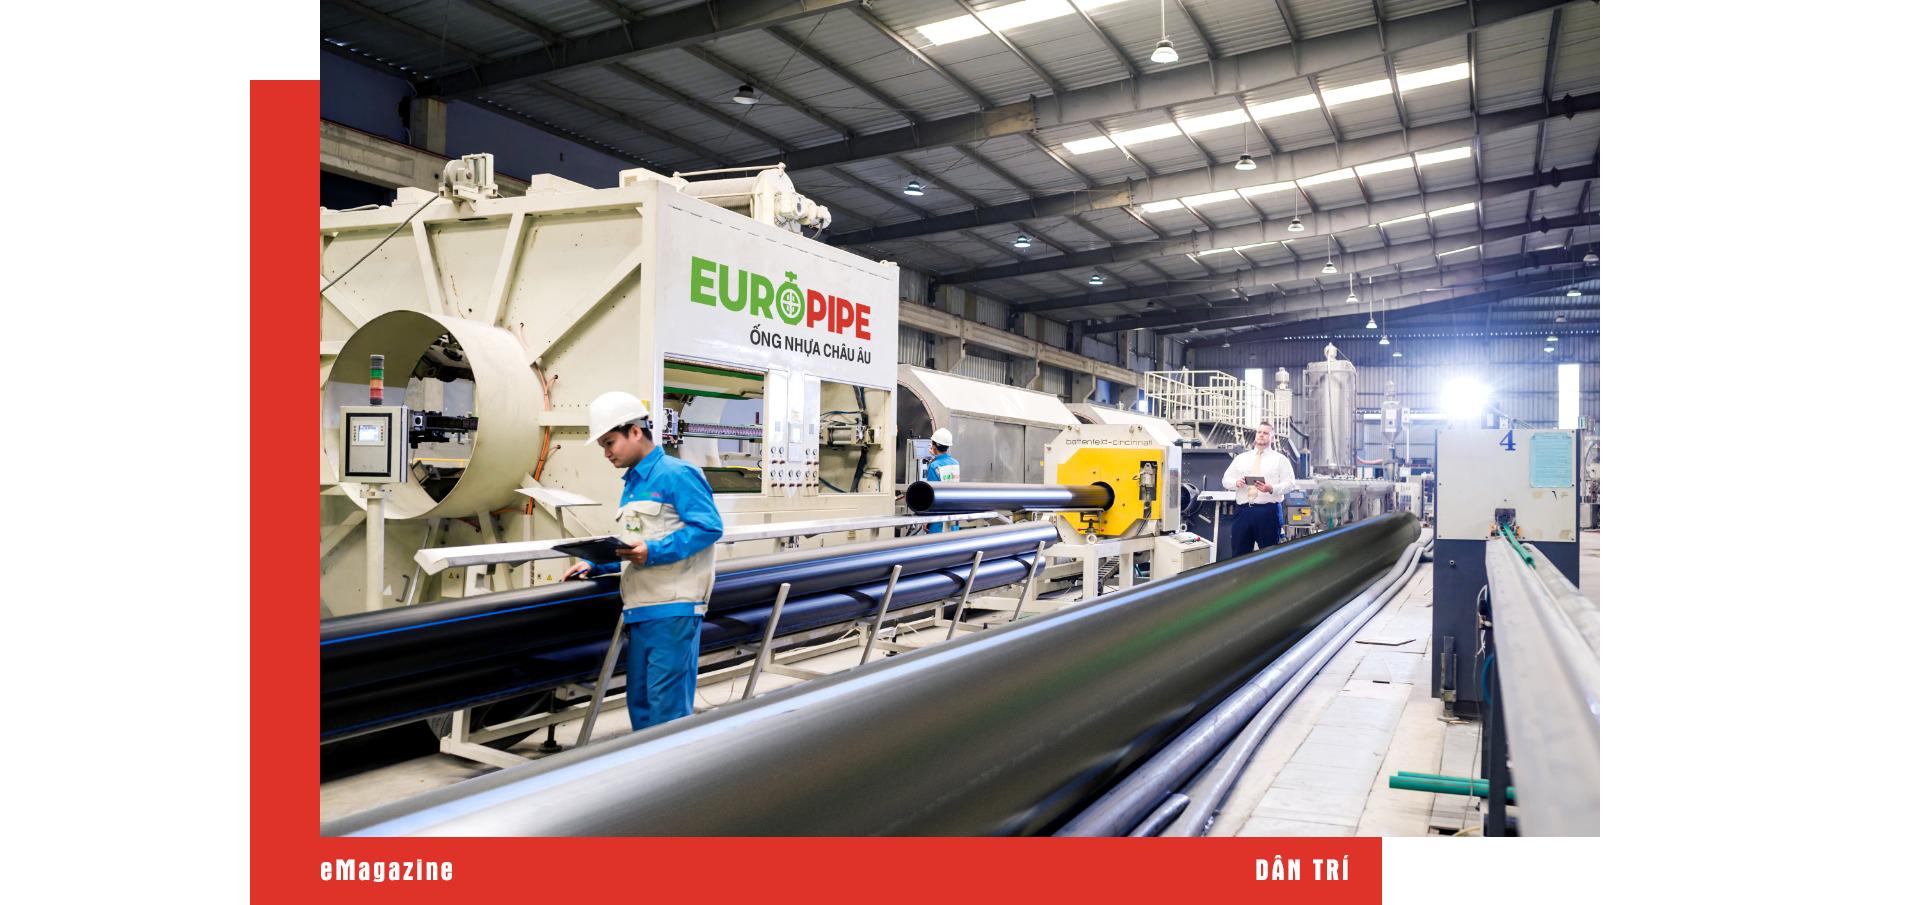 Tổng giám đốc doanh nghiệp ống nhựa hàng đầu Việt Nam: Chúng tôi là công ty duy nhất bảo hành sản phẩm 30 năm - 14